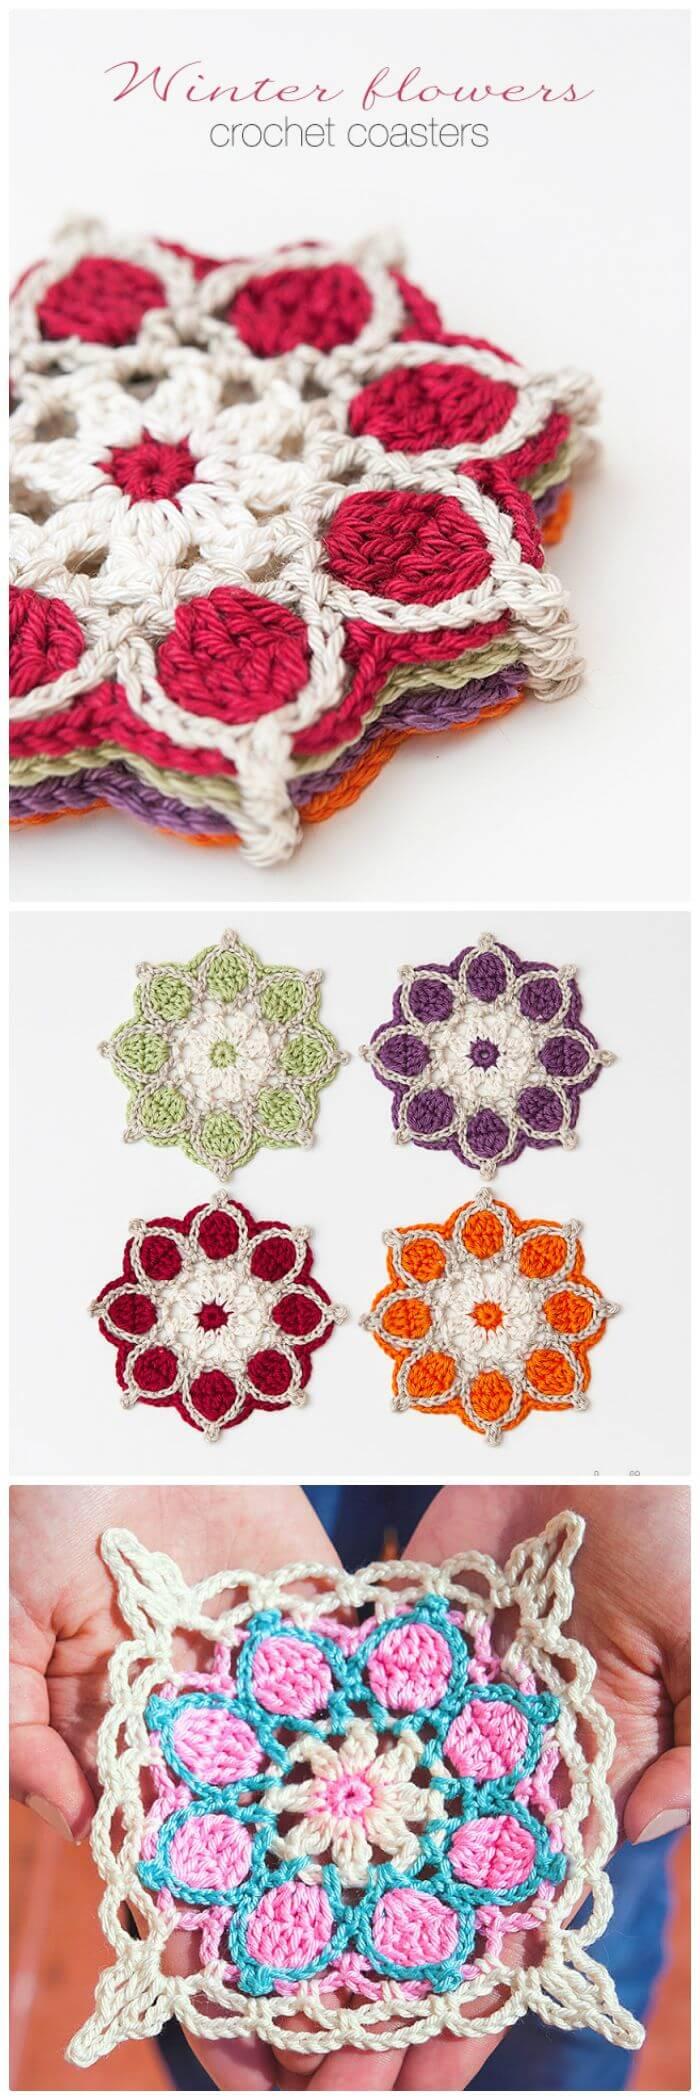 DIY Winter Flowers Crochet Coasters-Free Crochet Pattern, ¡Cómo tejer una montaña rusa paso a paso!